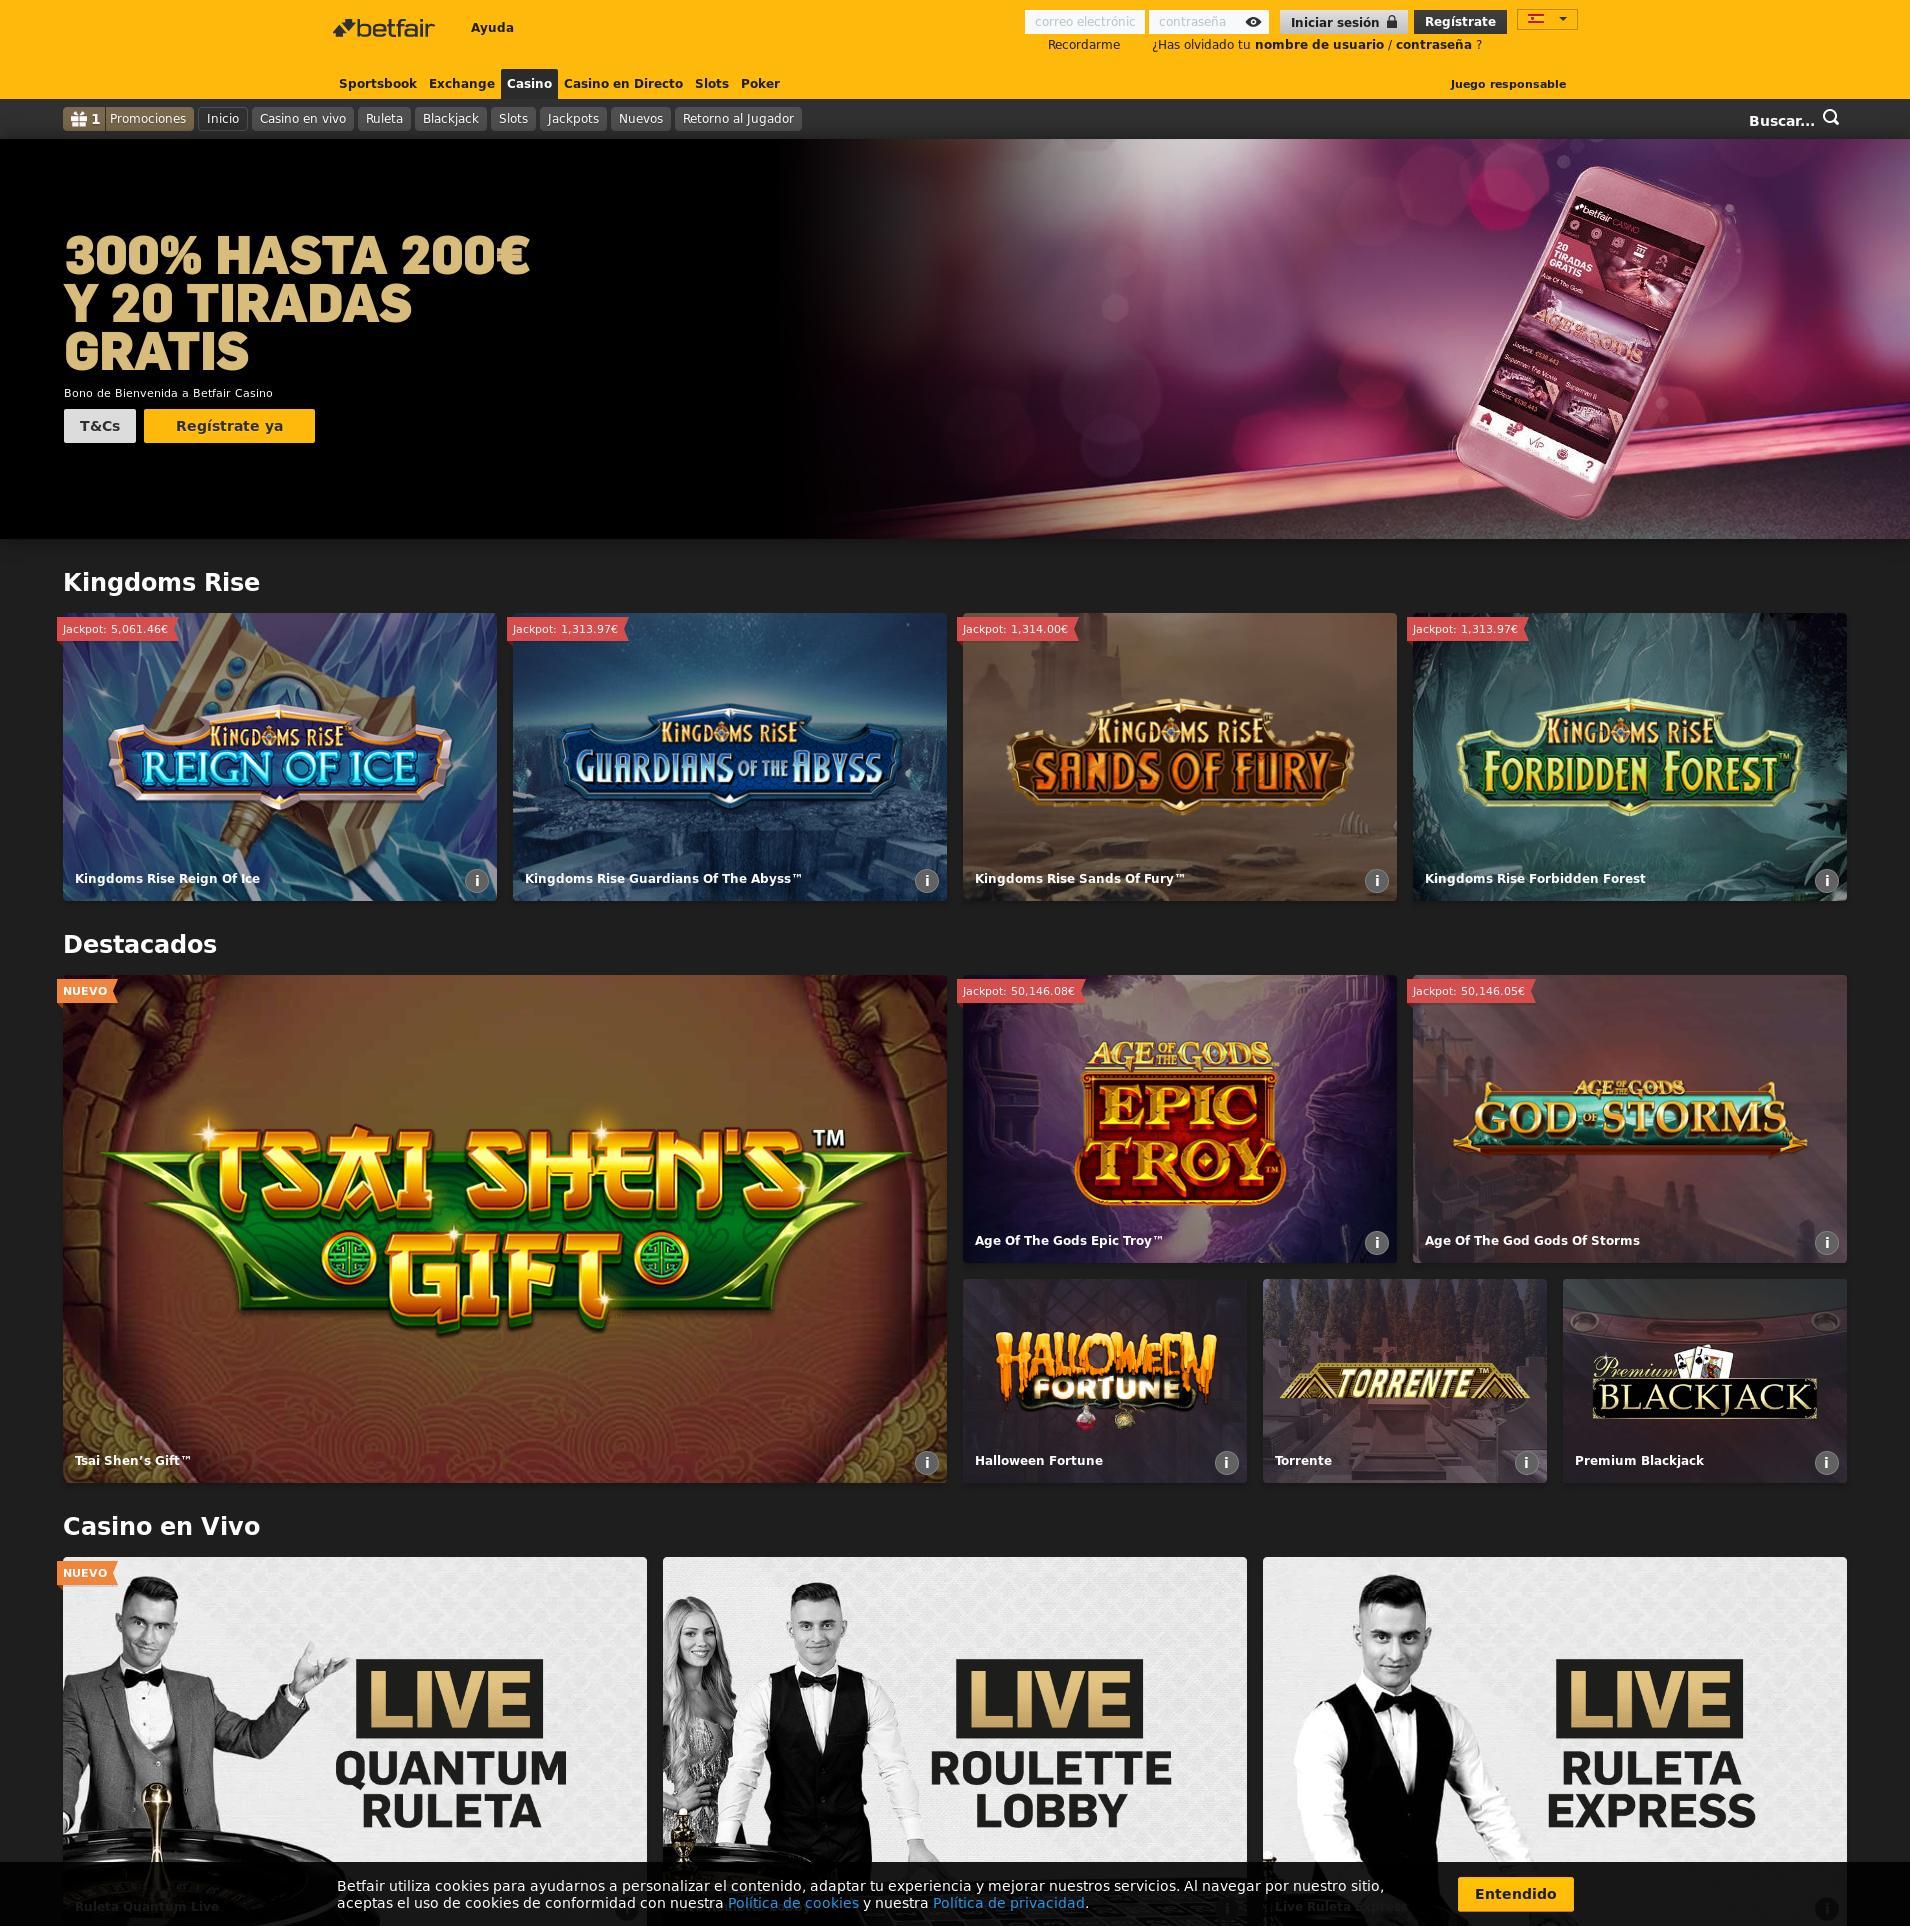 Pantalla de casino Lobby 2020-03-27 para España